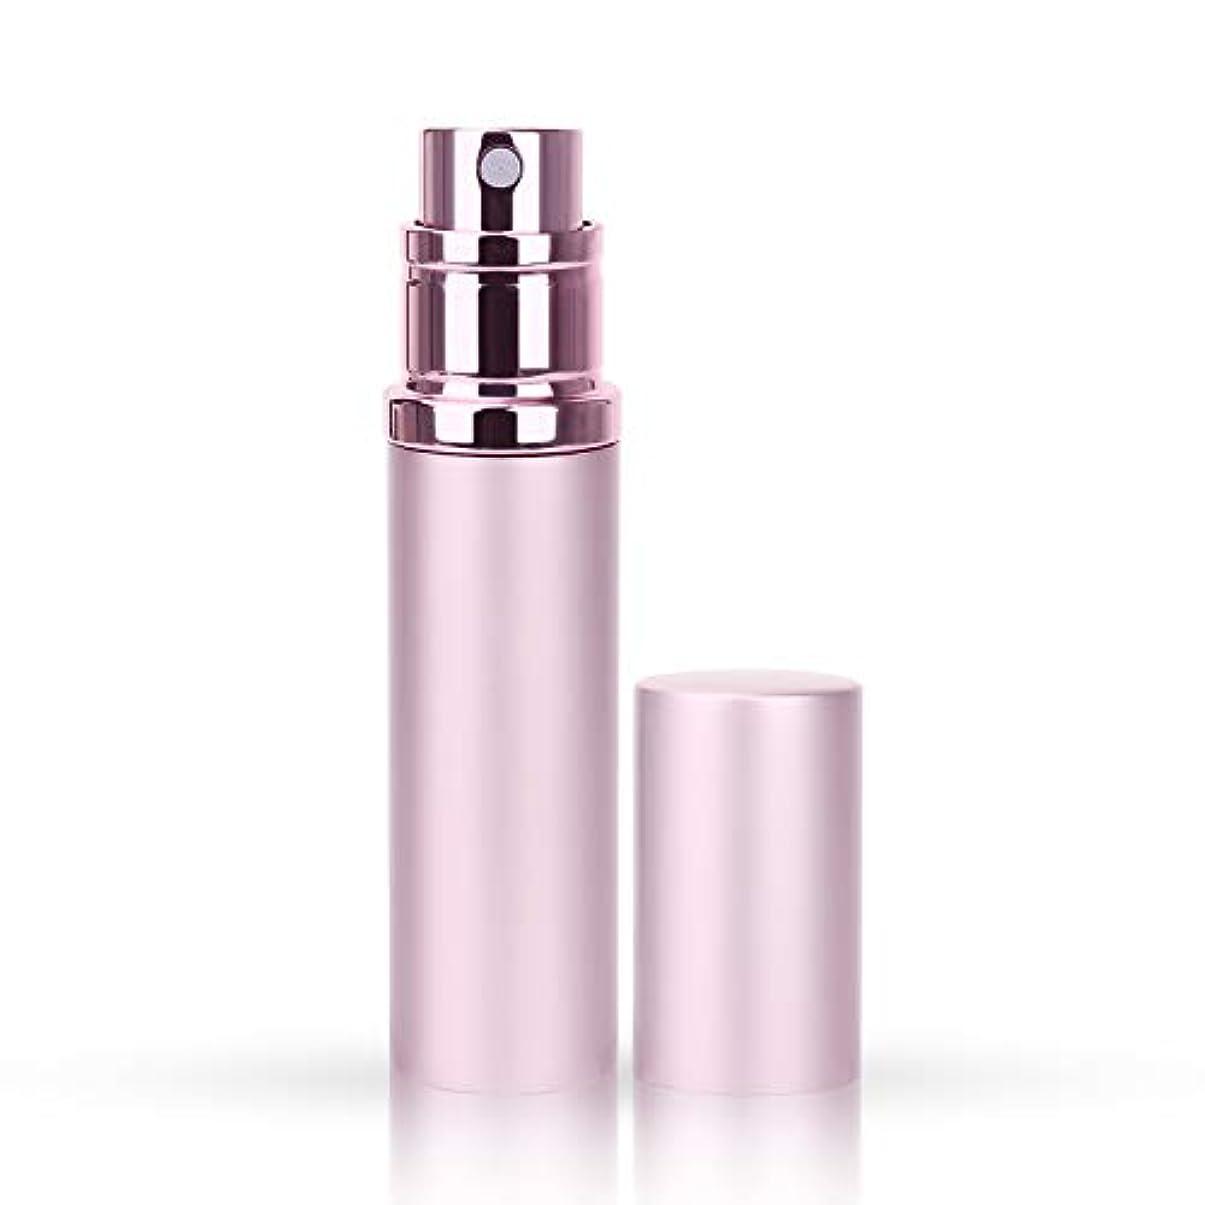 ホールド最終回るMOOMU アトマイザー 香水スプレー 噴霧器 詰め替え容器 底部充填方式 携帯用5ml (ピンク Pink)